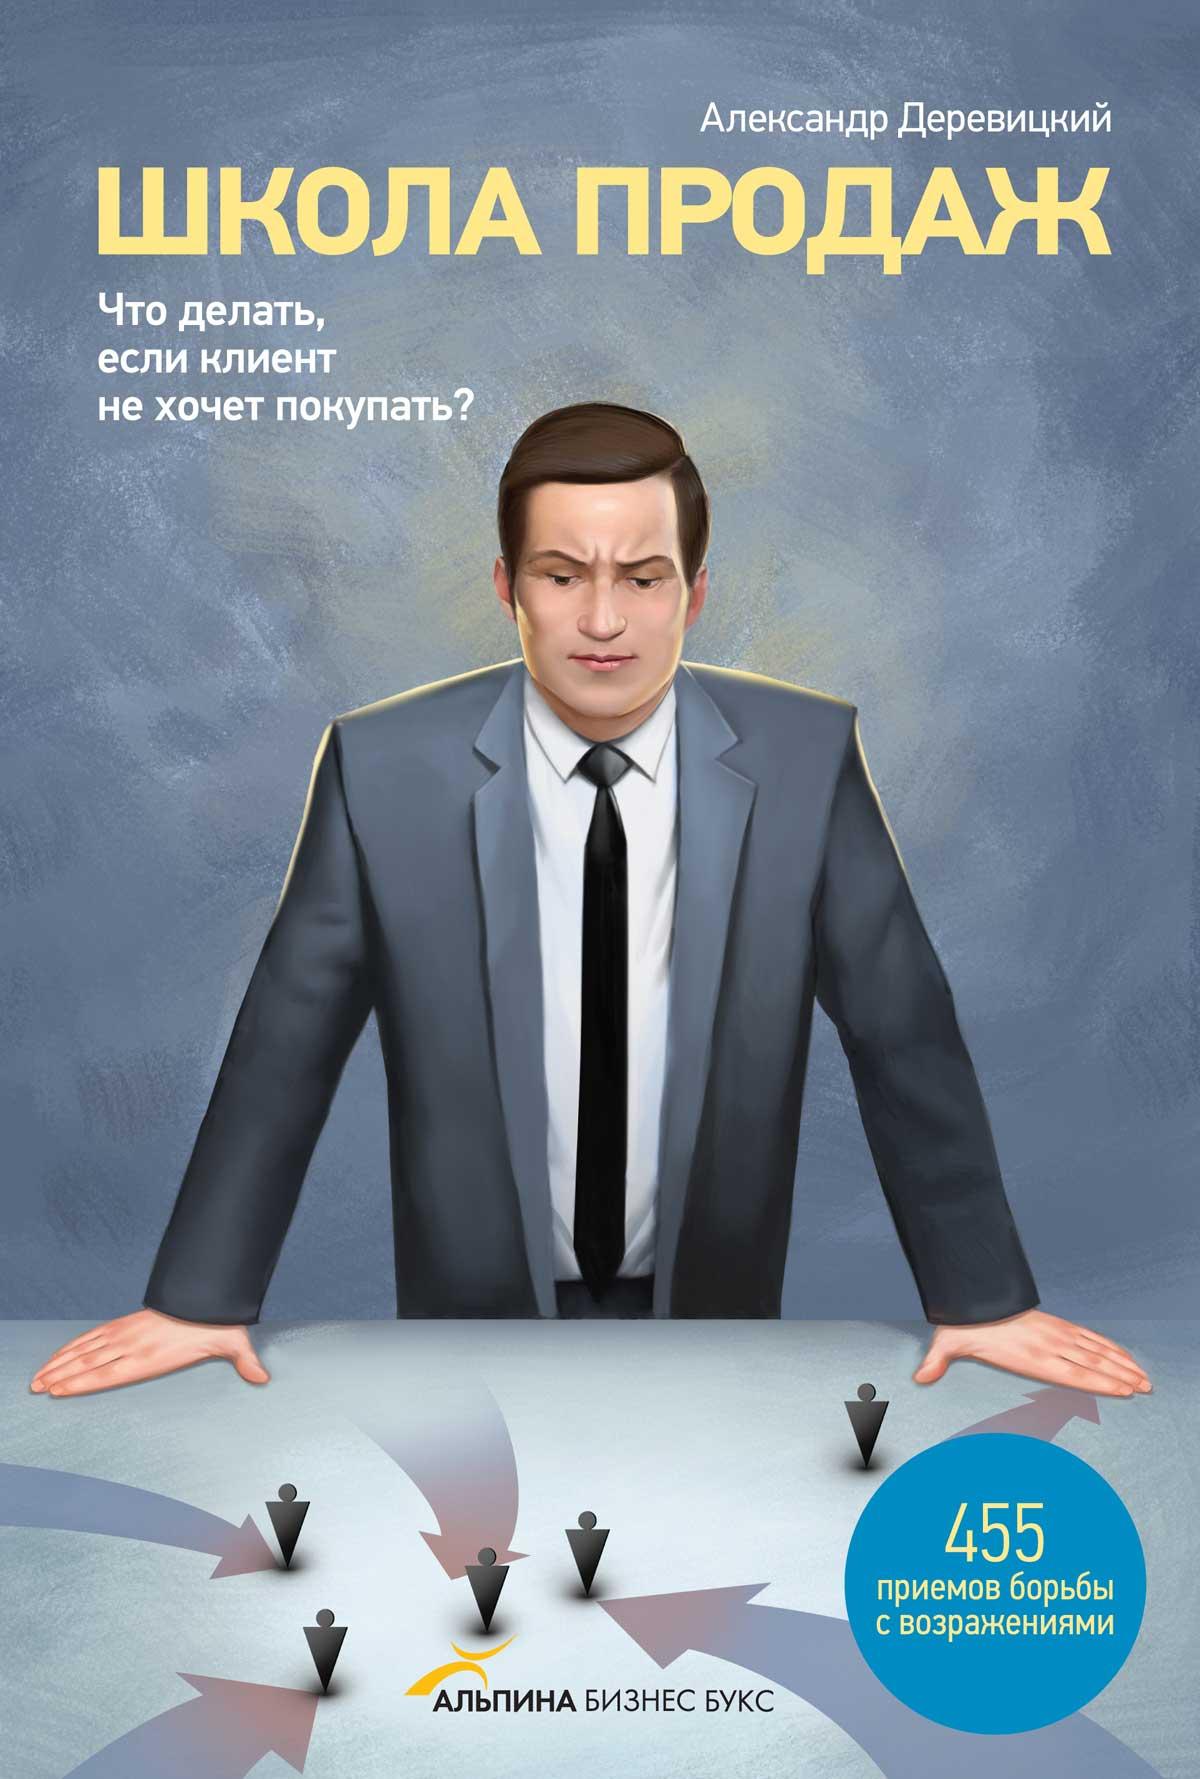 Деревицкий Александр - Школа продаж. Что делать, если клиент не хочет покупать? скачать бесплатно